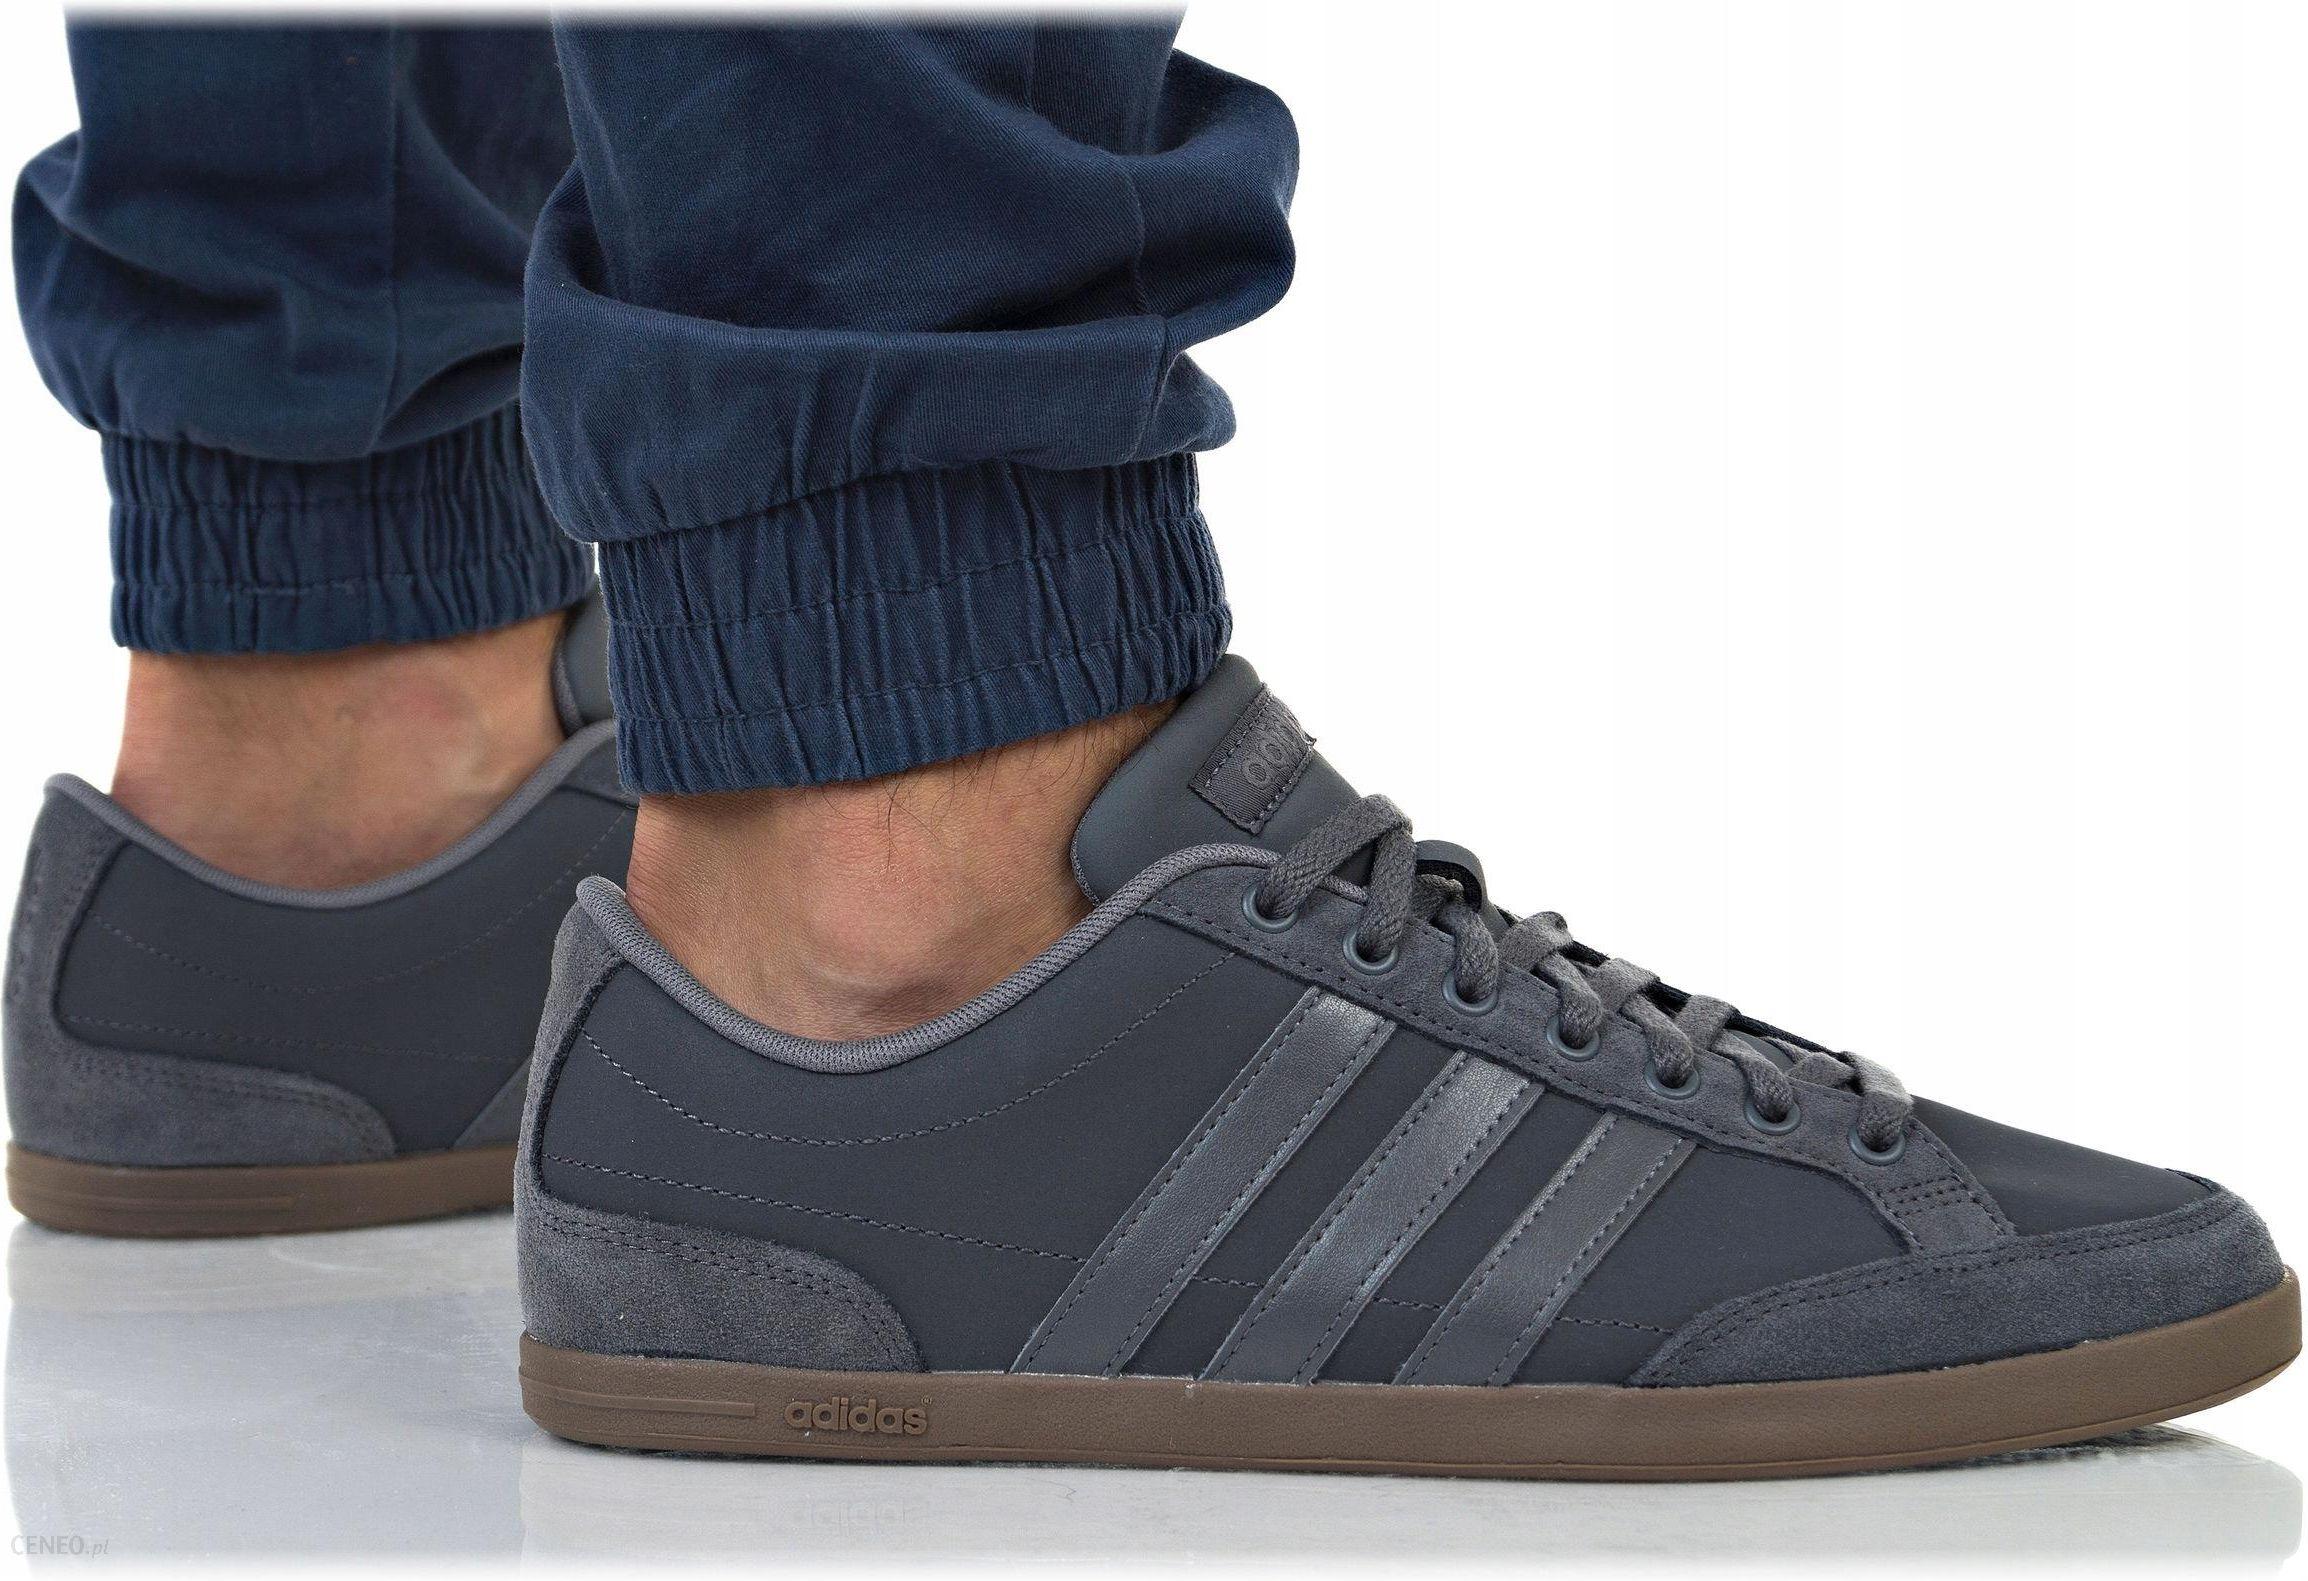 hot sale online 26103 70716 Buty Adidas Męskie Caflaire B43742 Szare - zdjęcie 1